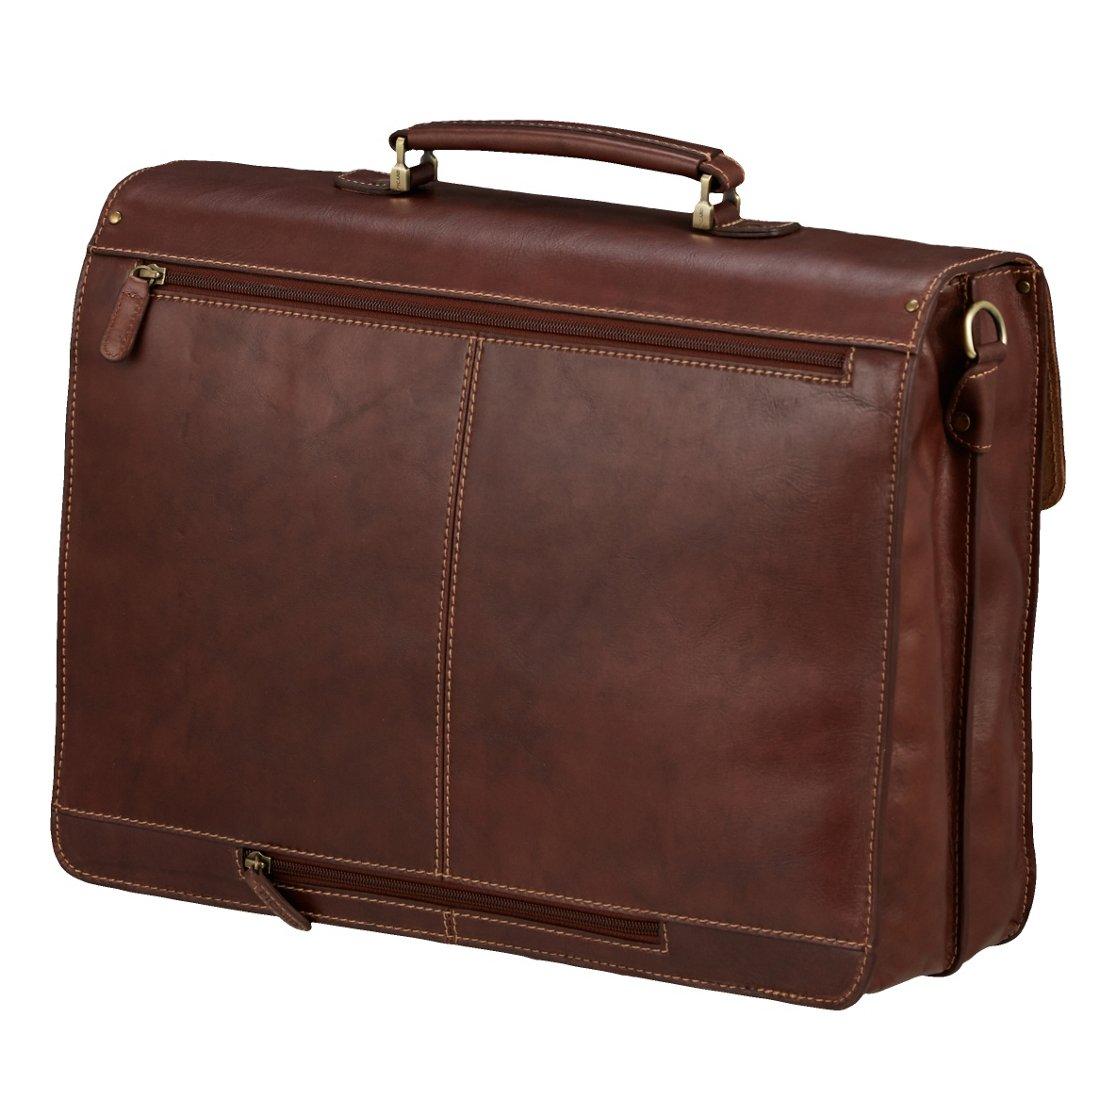 d6279917f0773 Picard Toscana Aktentasche mit Laptopfach 42 cm - kastanie - koffer ...